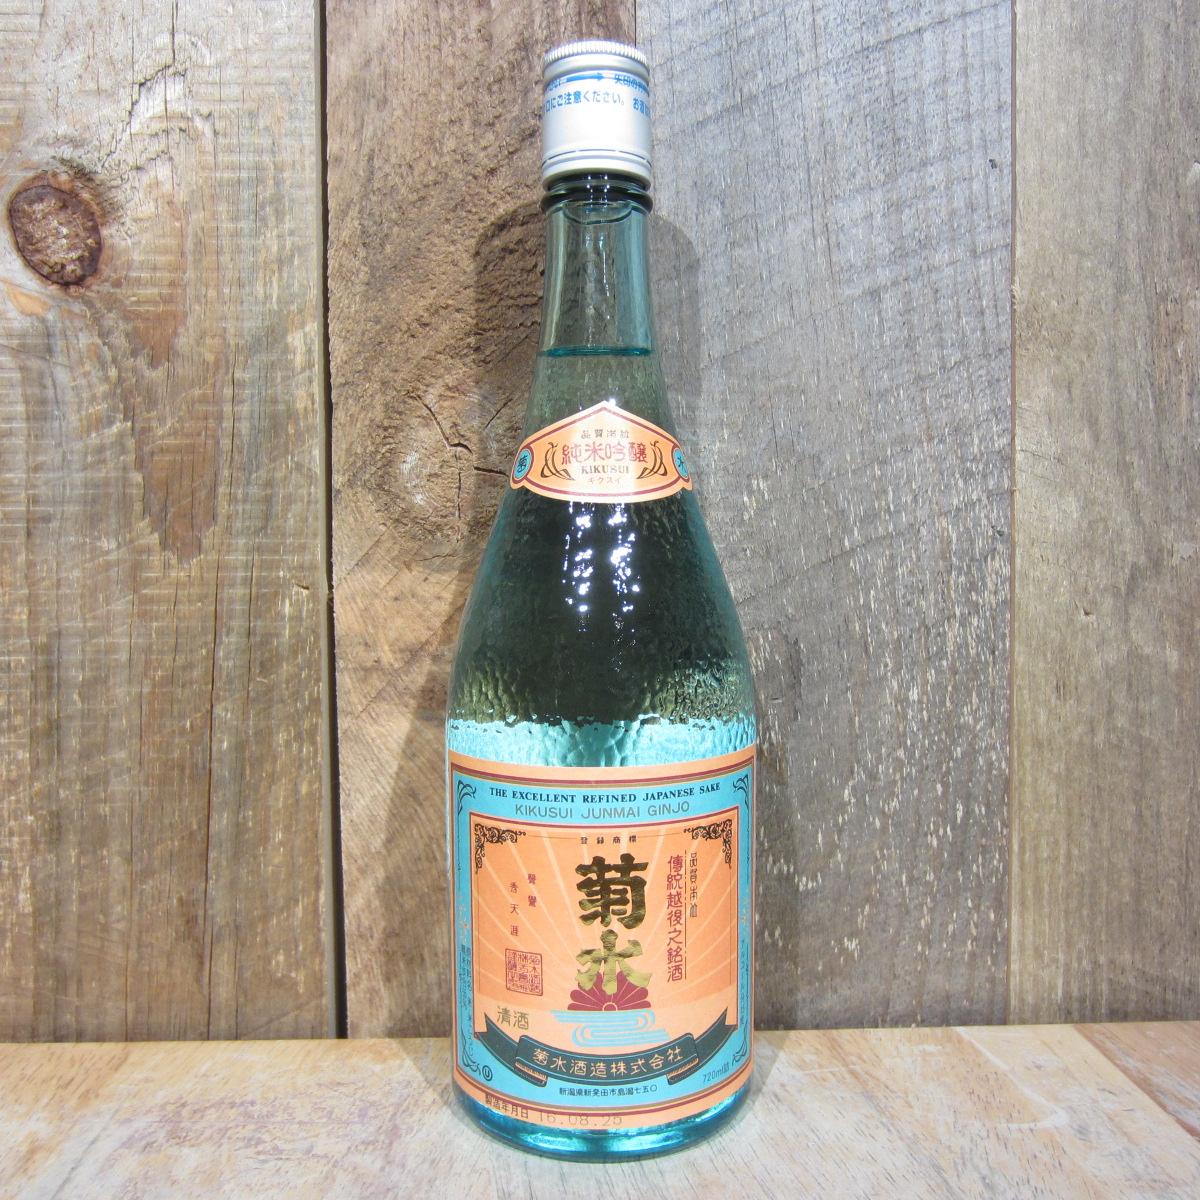 Kikusui Junmai Ginjo 720ml